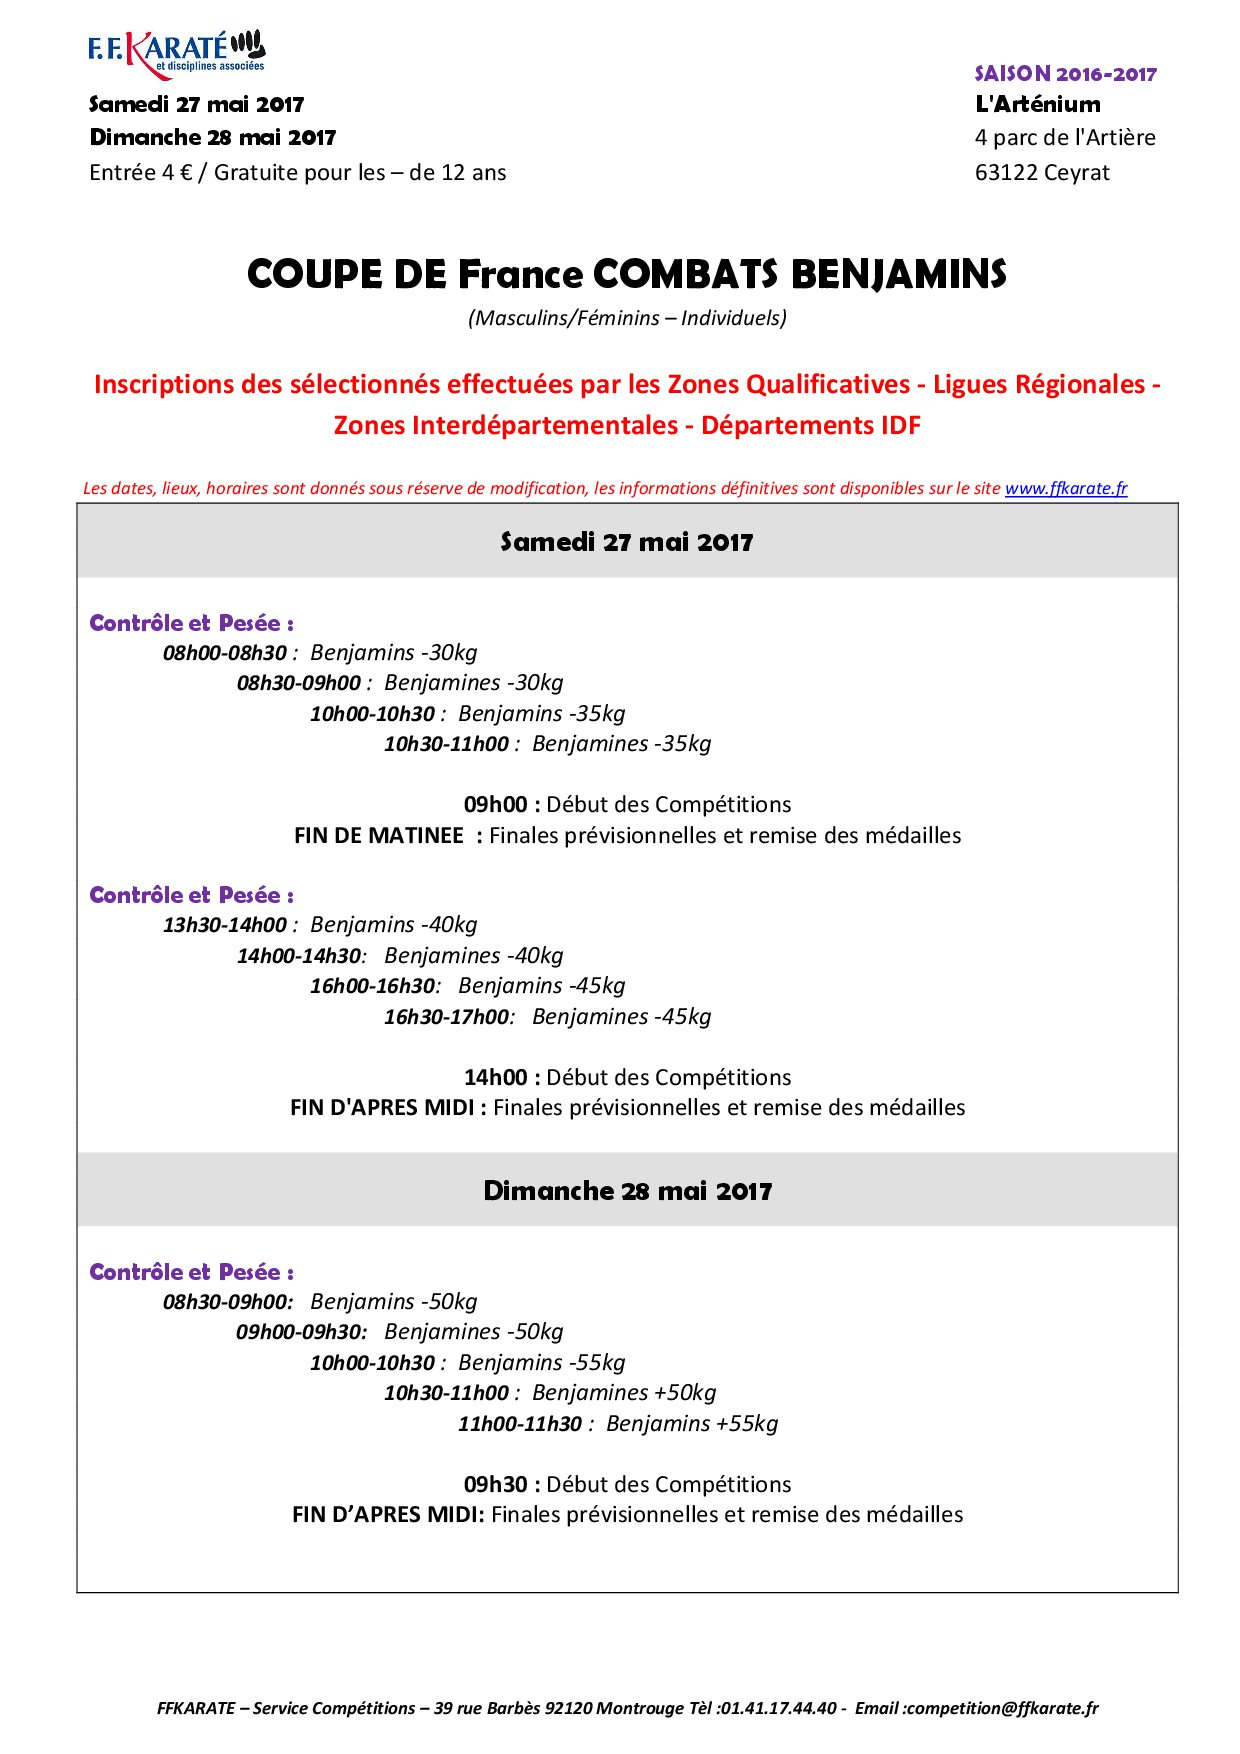 Cp fr comb benj 28052017